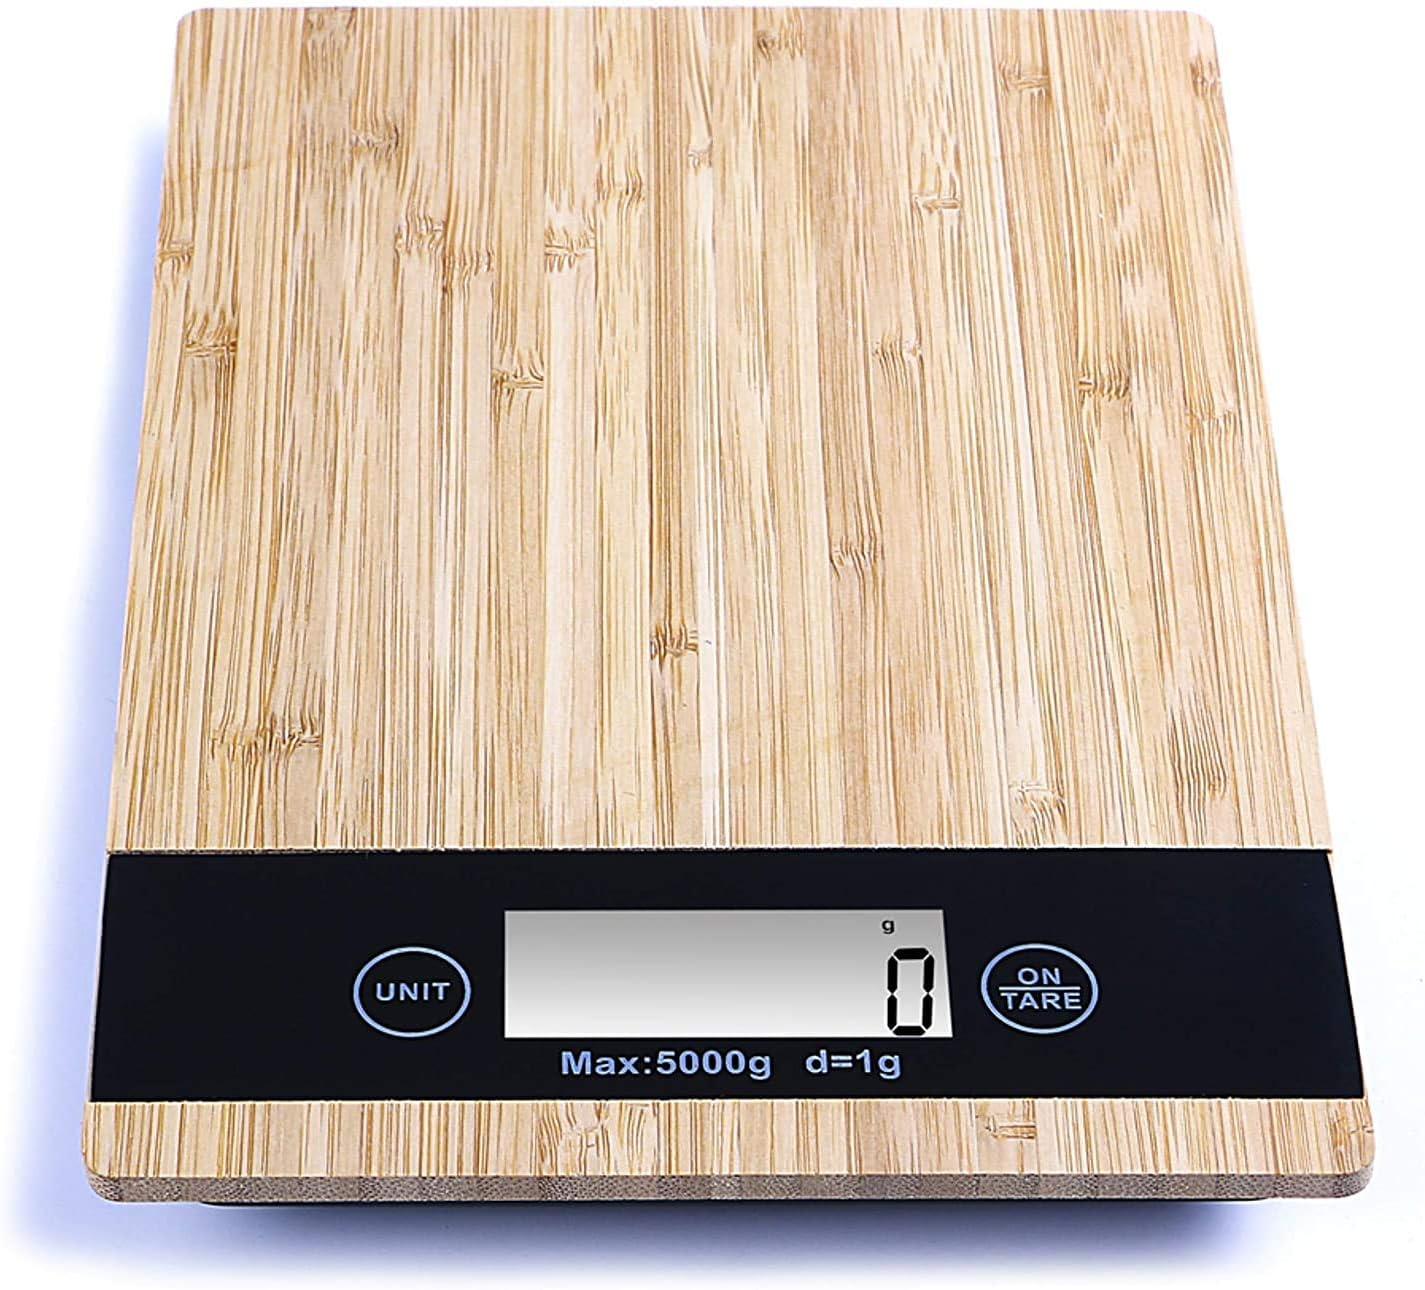 PRITECH - Báscula Digital de bambú Resistente para Cocina, Peso máximo 5Kg y Alta precisión, Auto Apagado y Función de Tara. PBP-153.